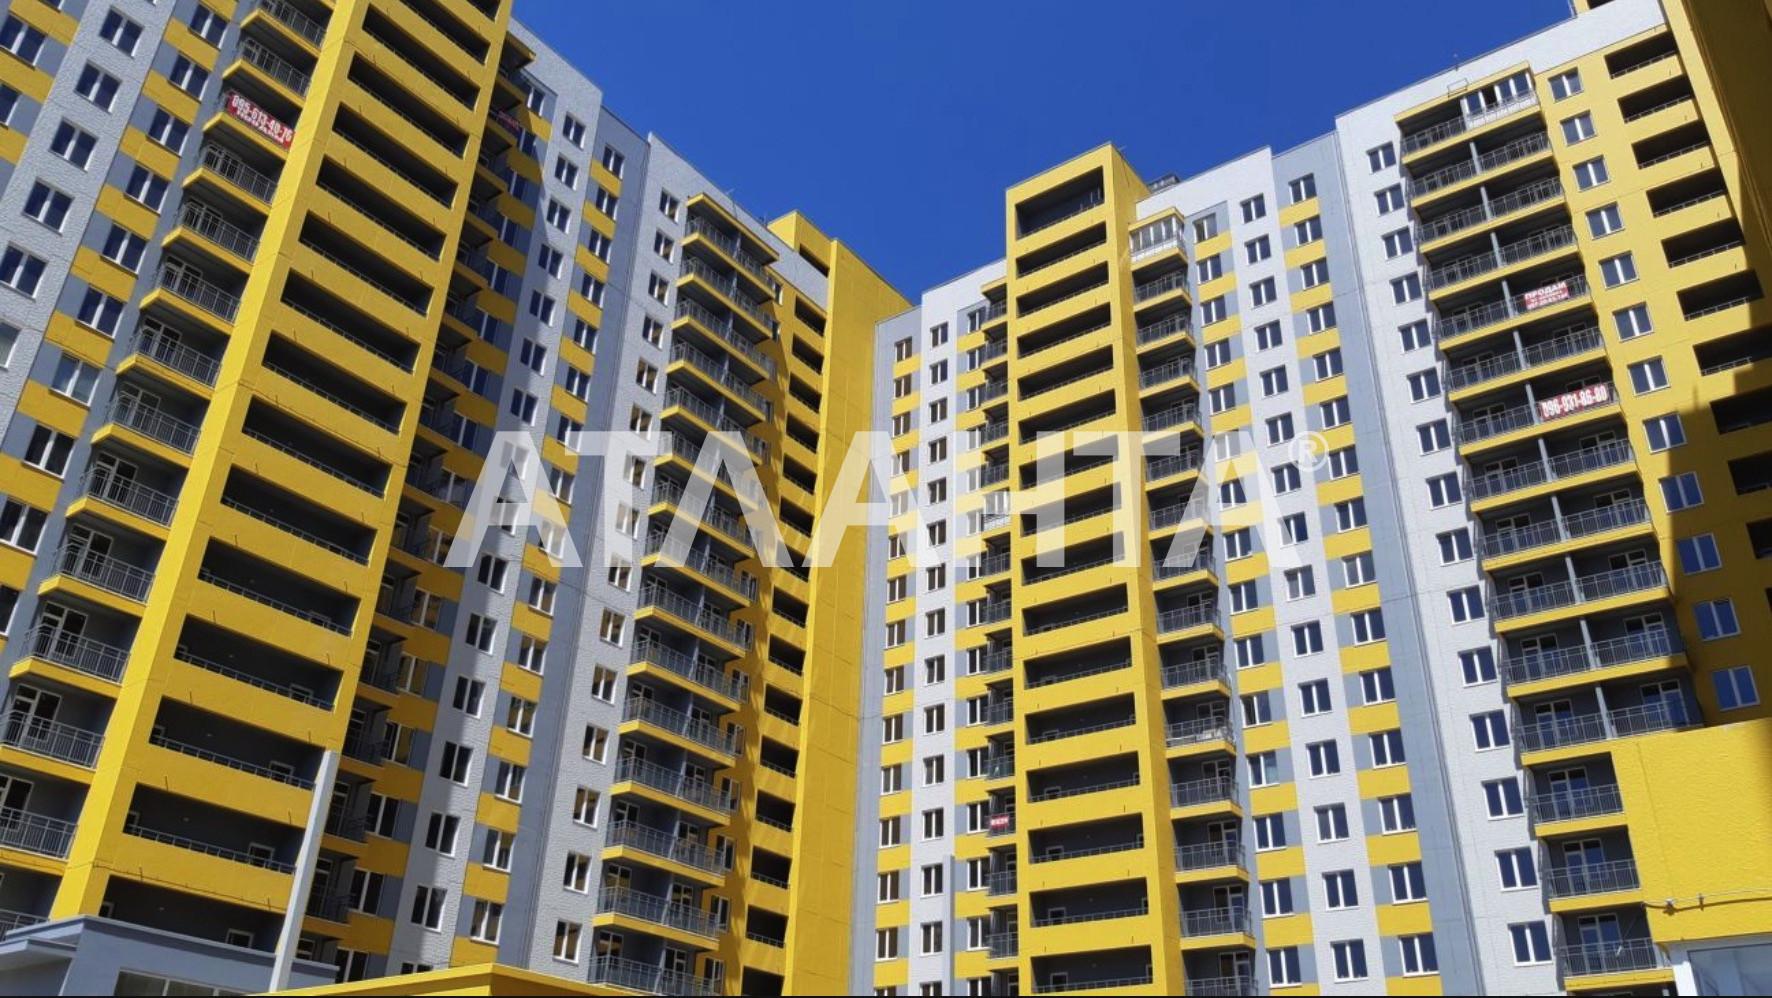 Продается 2-комнатная Квартира на ул. Михайловская (Индустриальная) — 46 000 у.е. (фото №5)